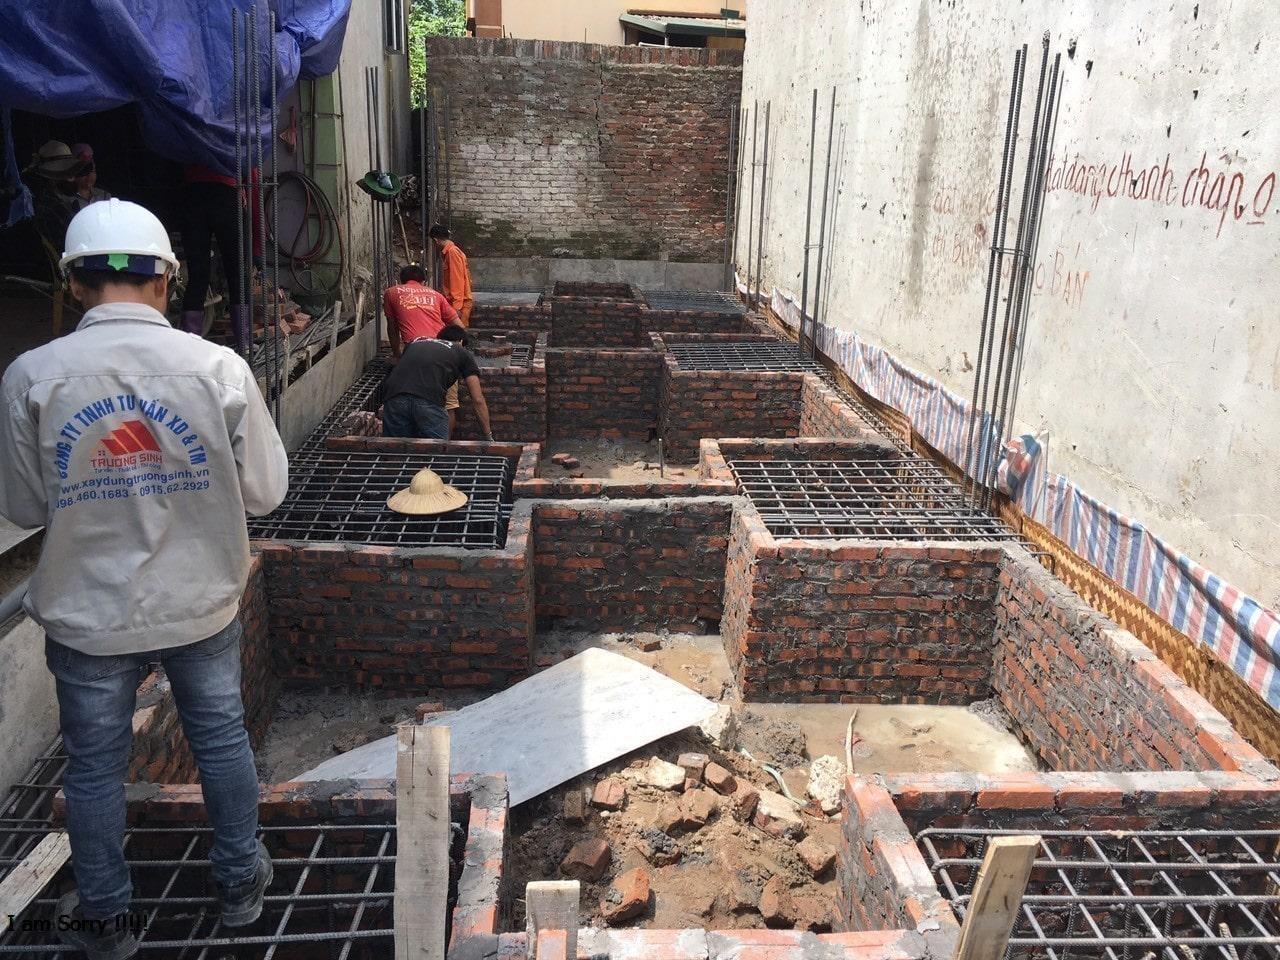 Báo giá xây nhà trọn gói tại hà nội năm 2020-1